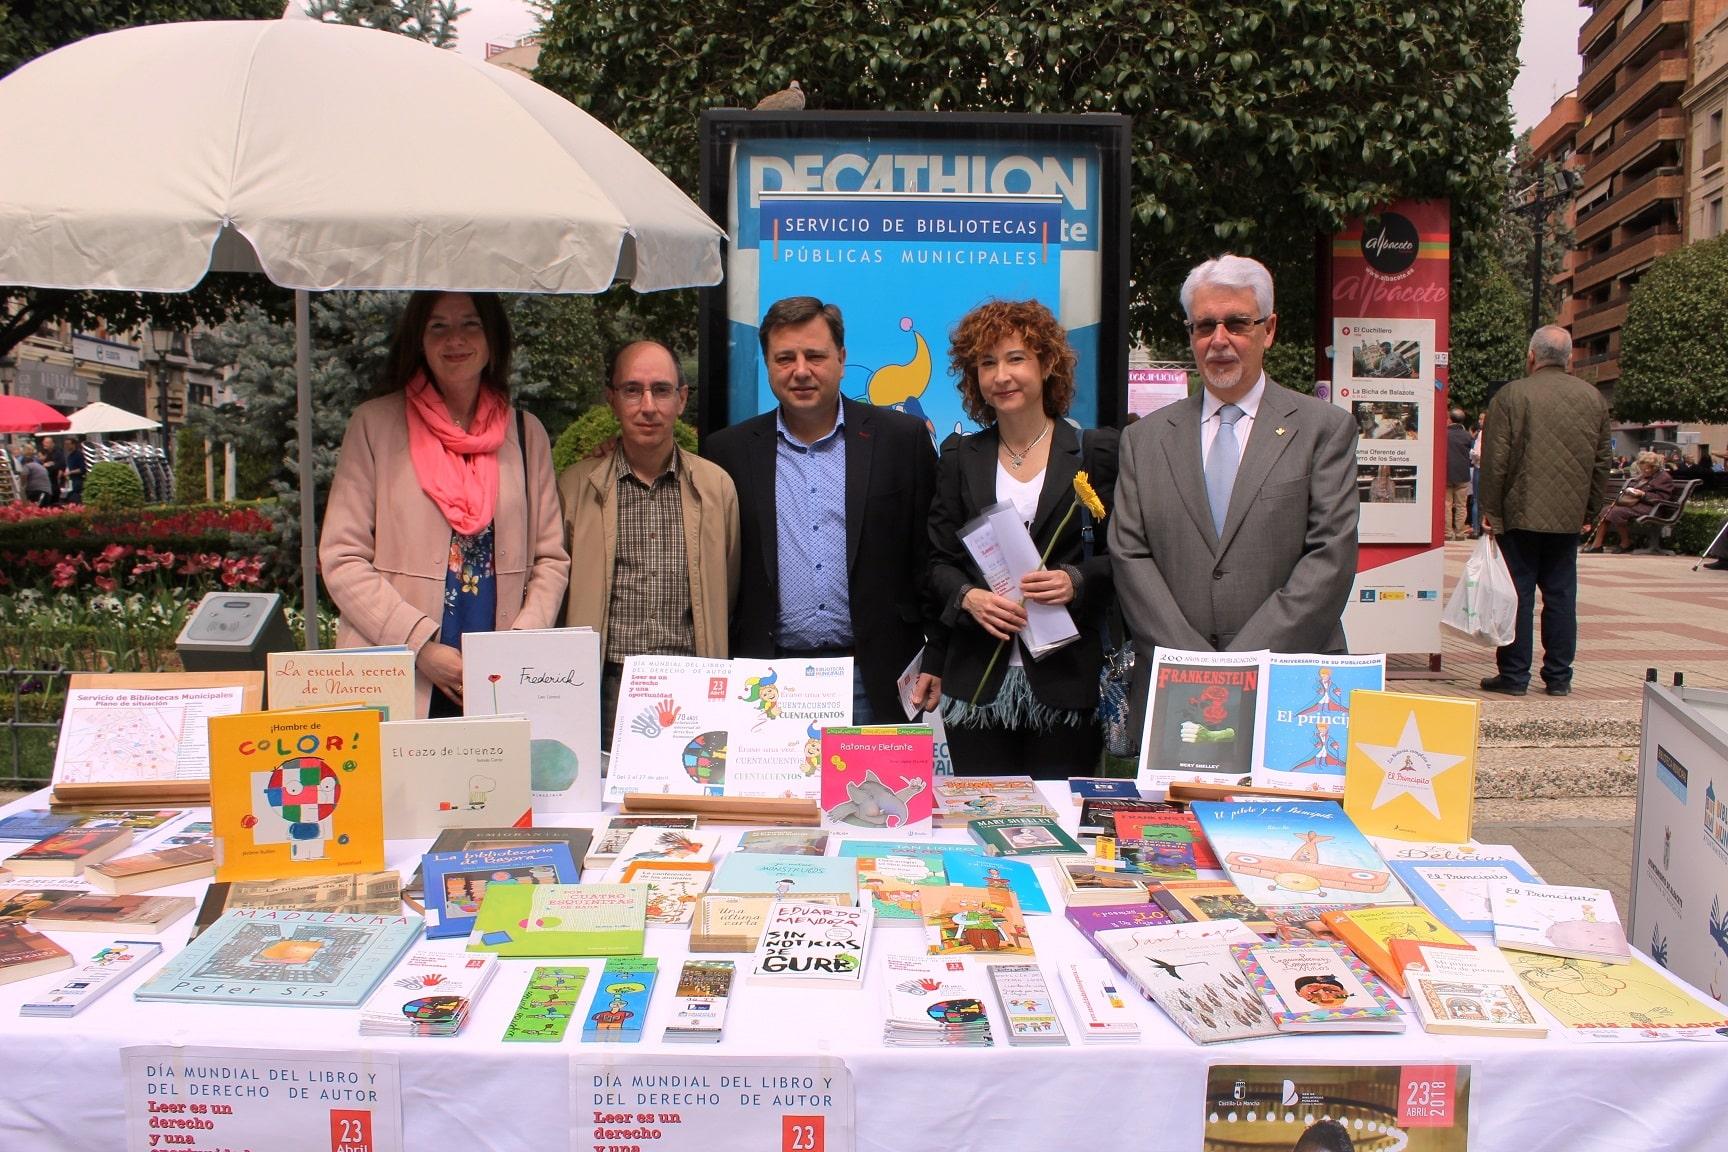 https://blog.globalcaja.es/wp-content/uploads/2018/04/Foto.Visita-Fiesta-del-Libro-en-la-Plaza-del-Altozano-2.jpg